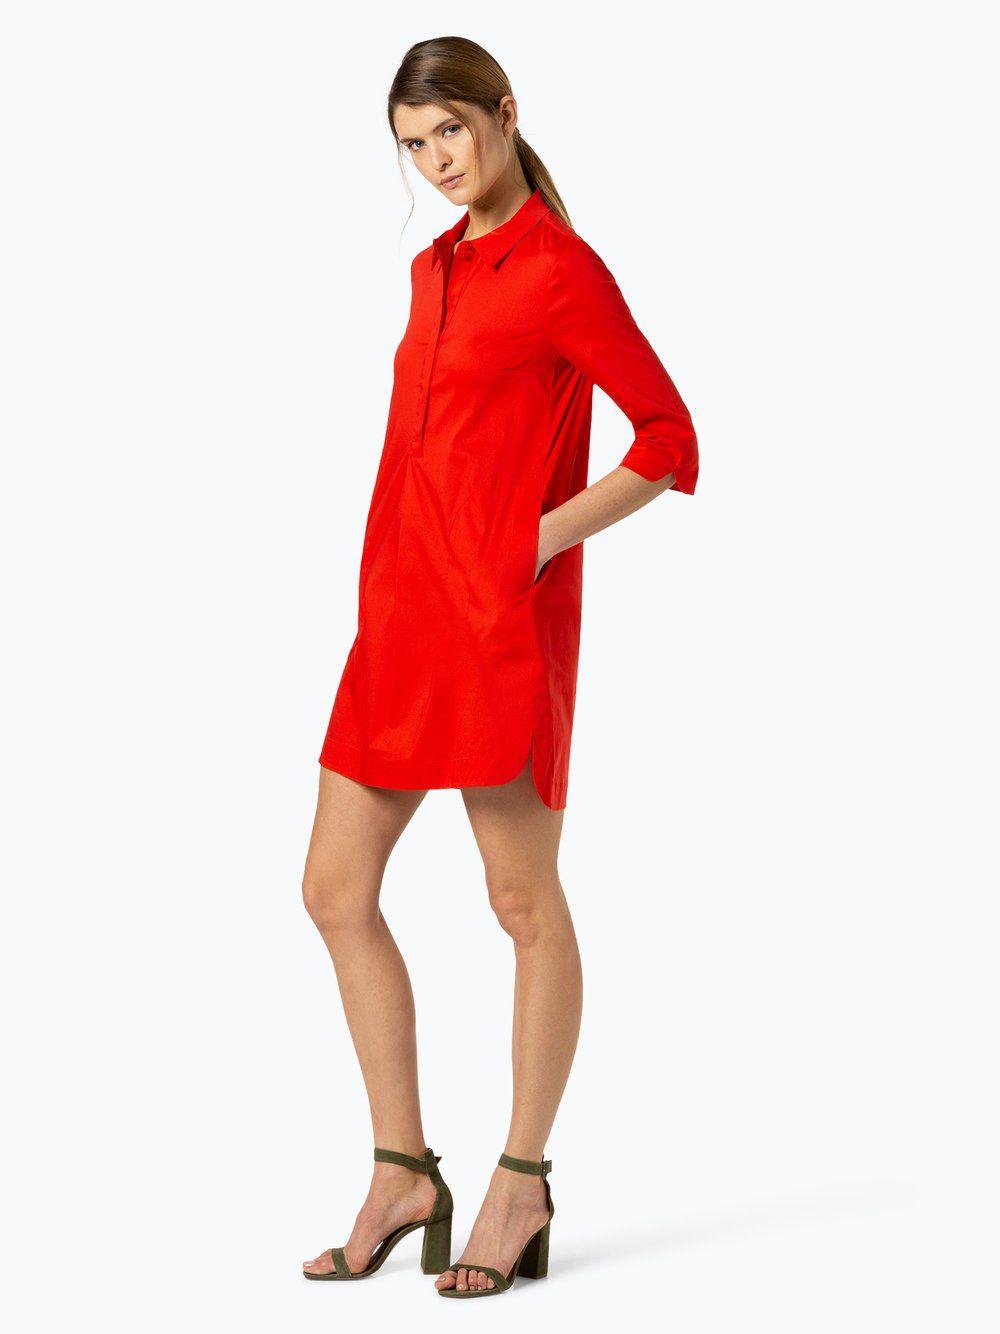 marie lund kleid rot | marie lund, kleider, modestil